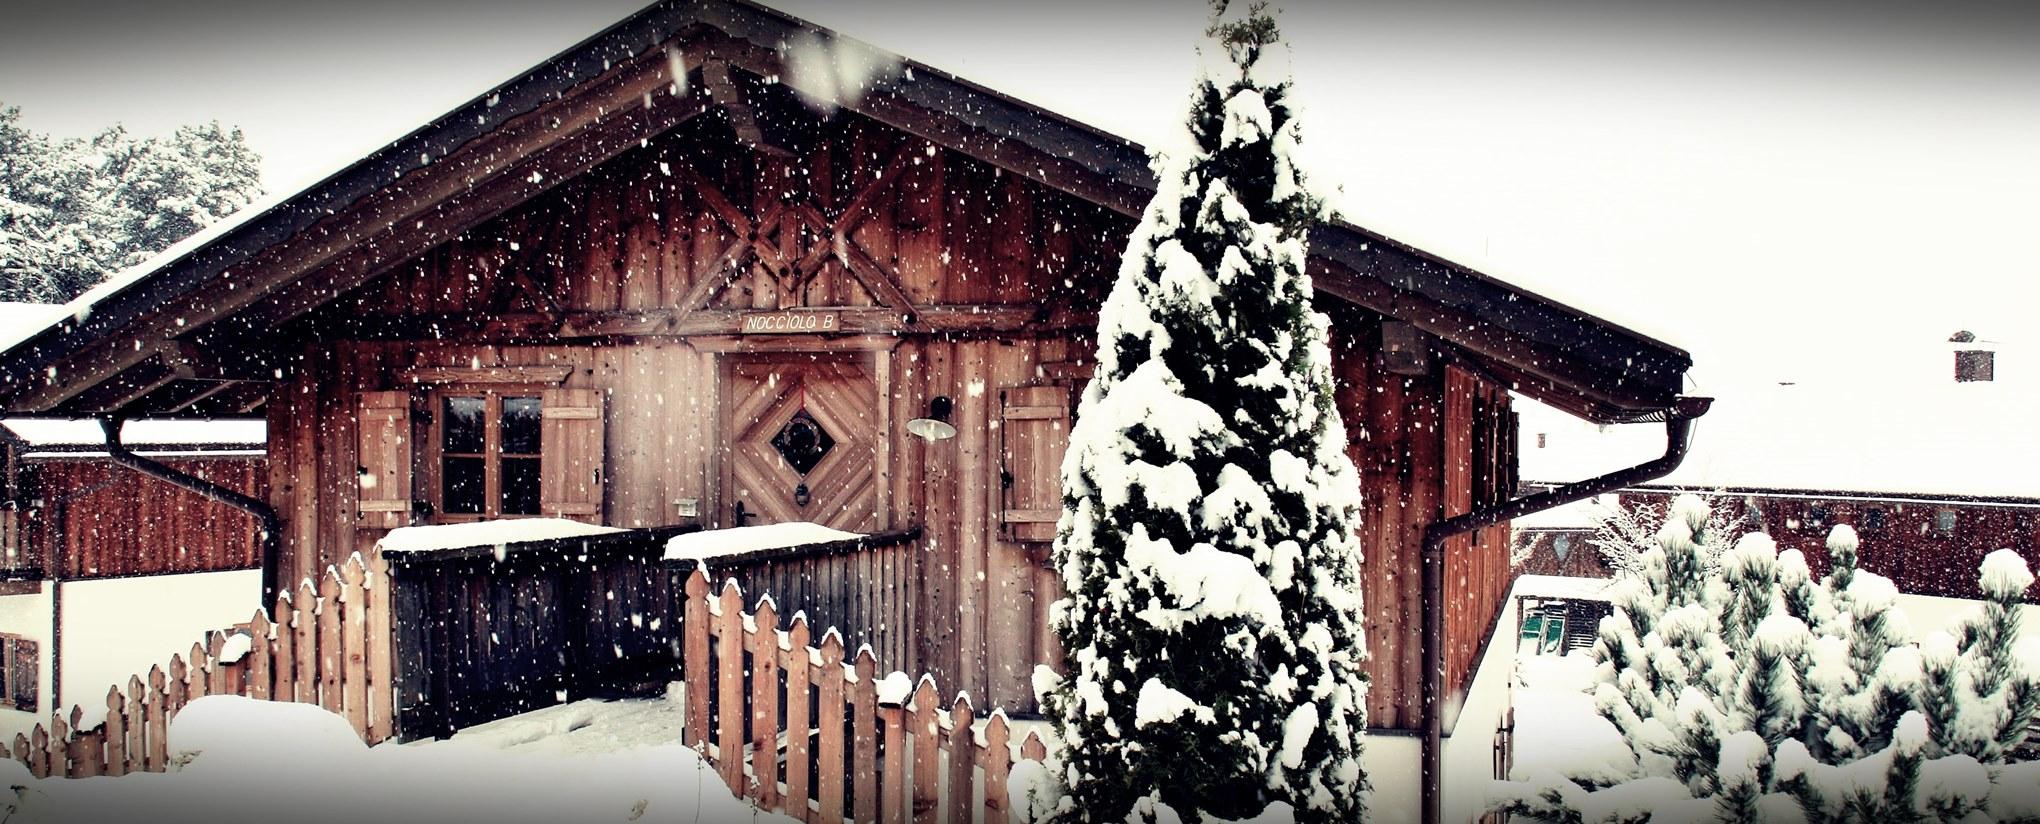 Chalet romantico Trentino per due: weekend da sogno in baita